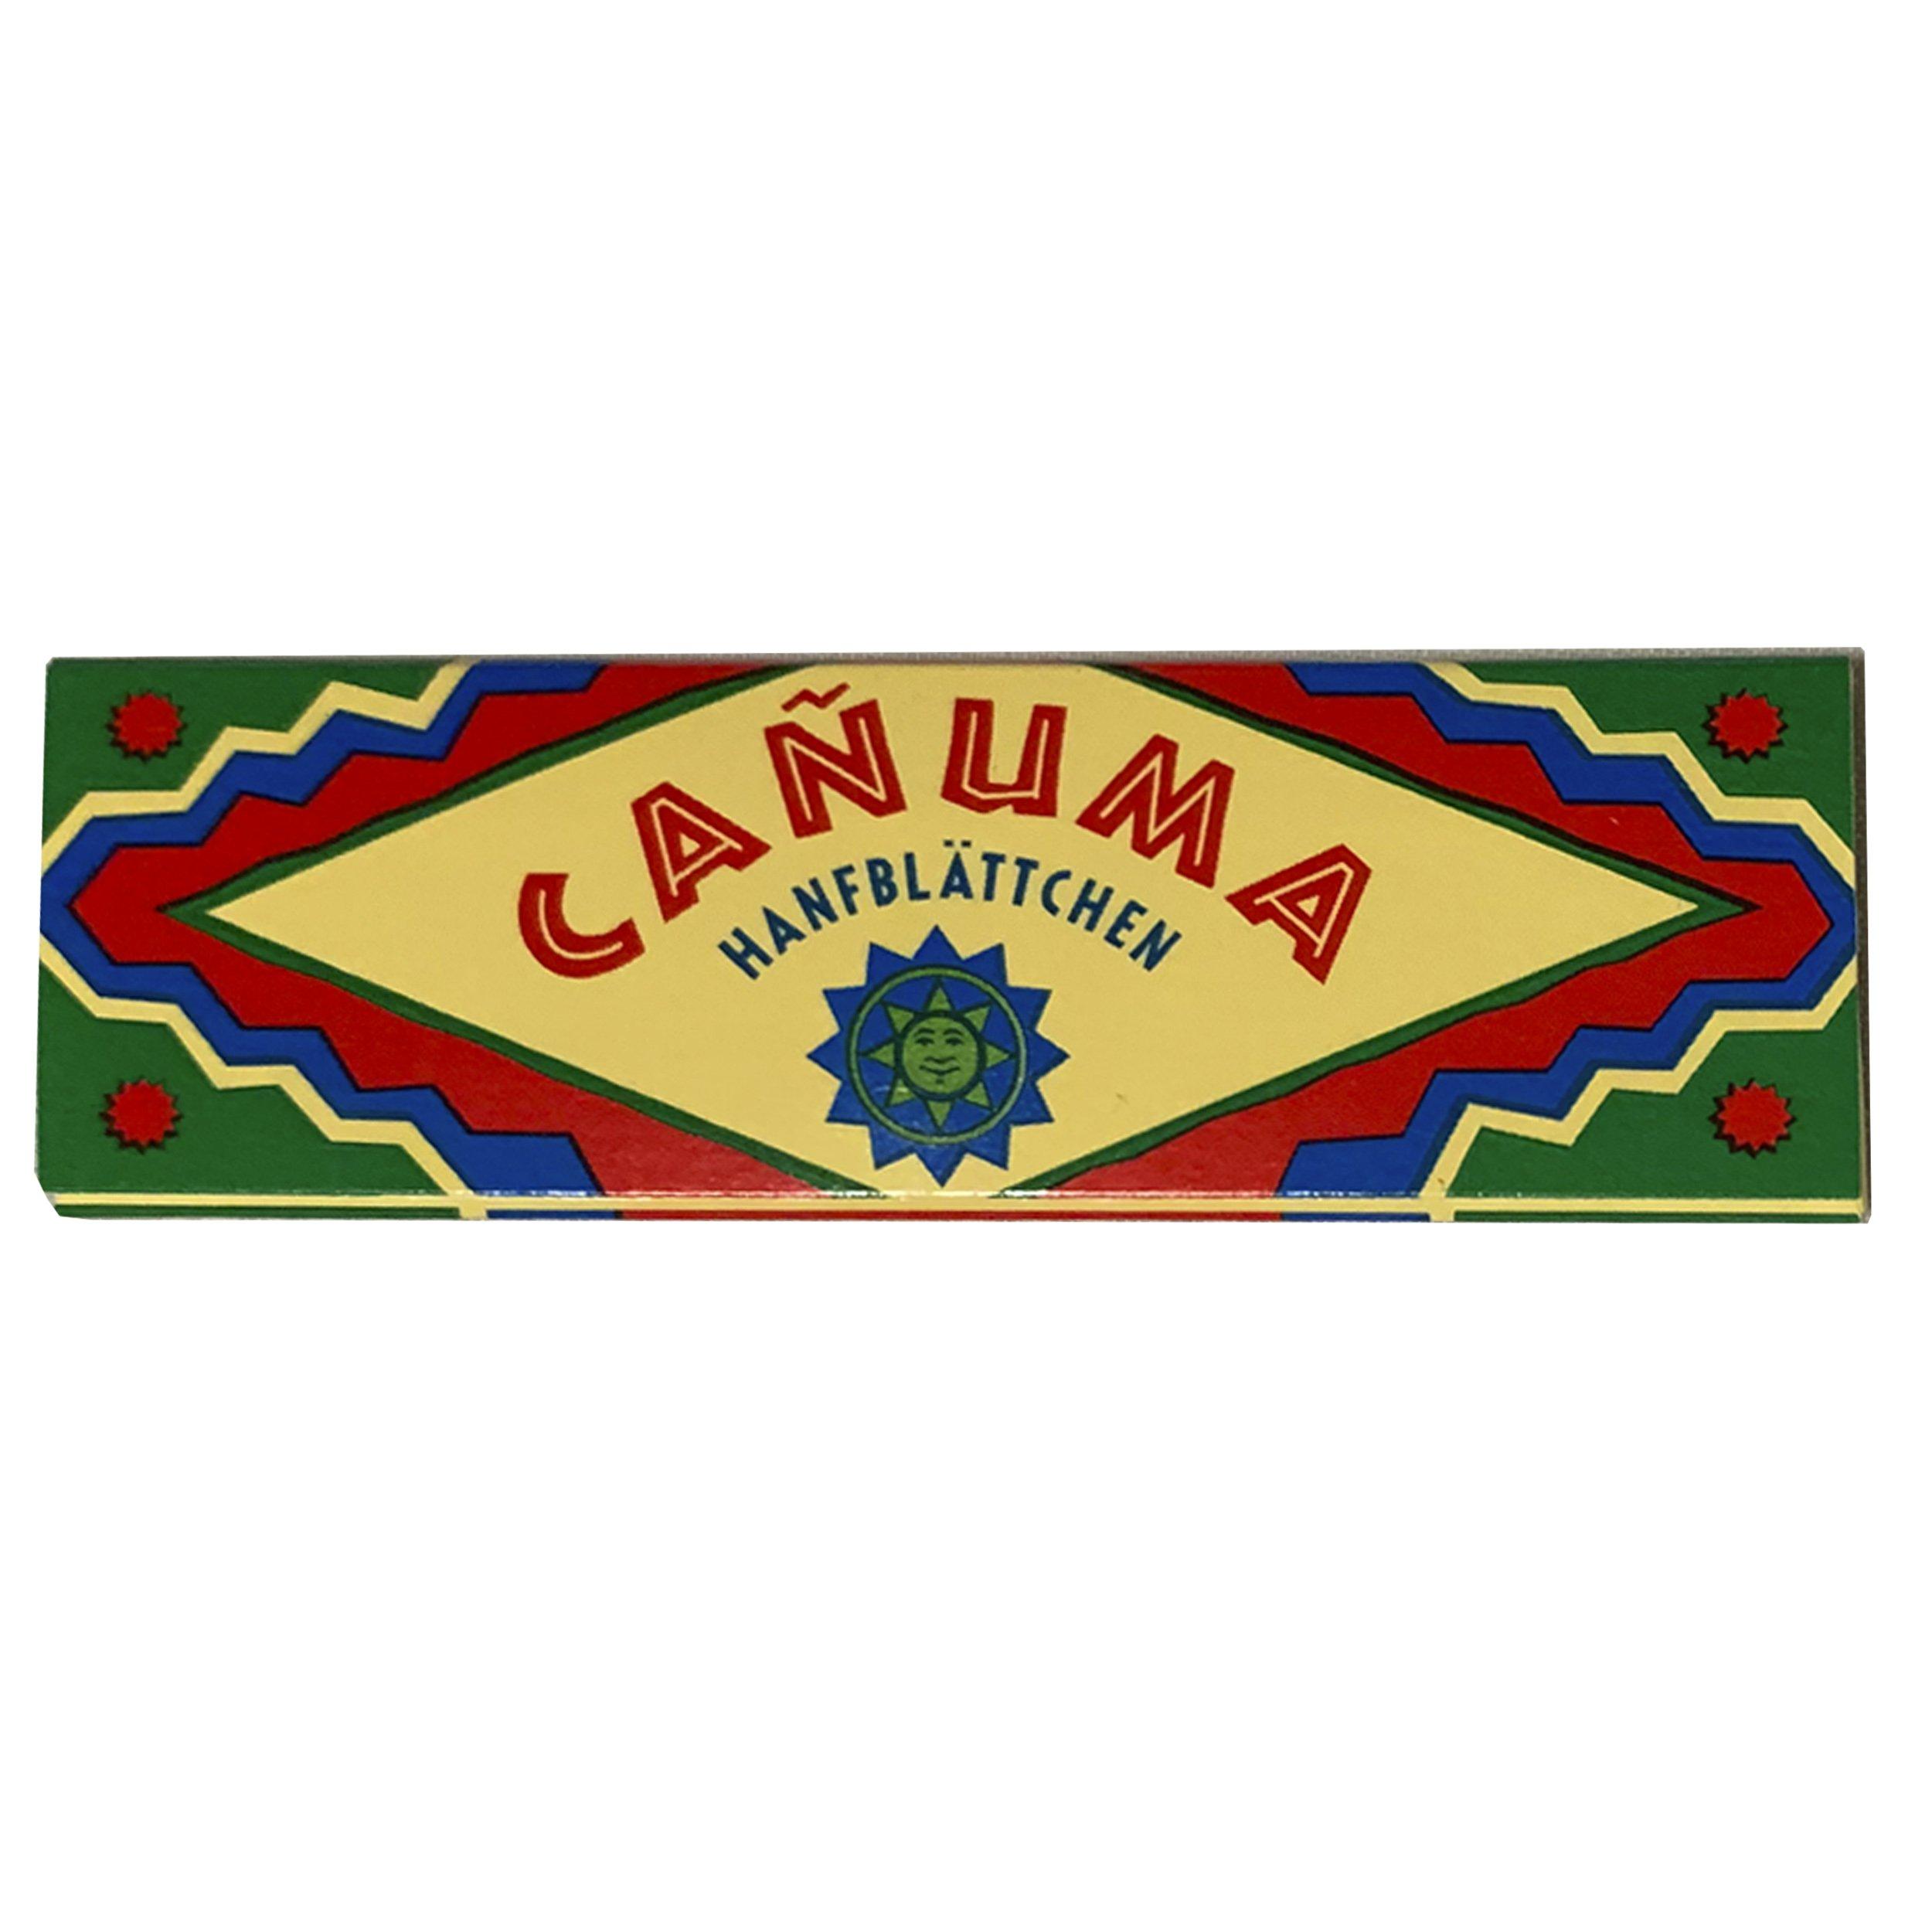 Canuma Blättchen Drehpapier